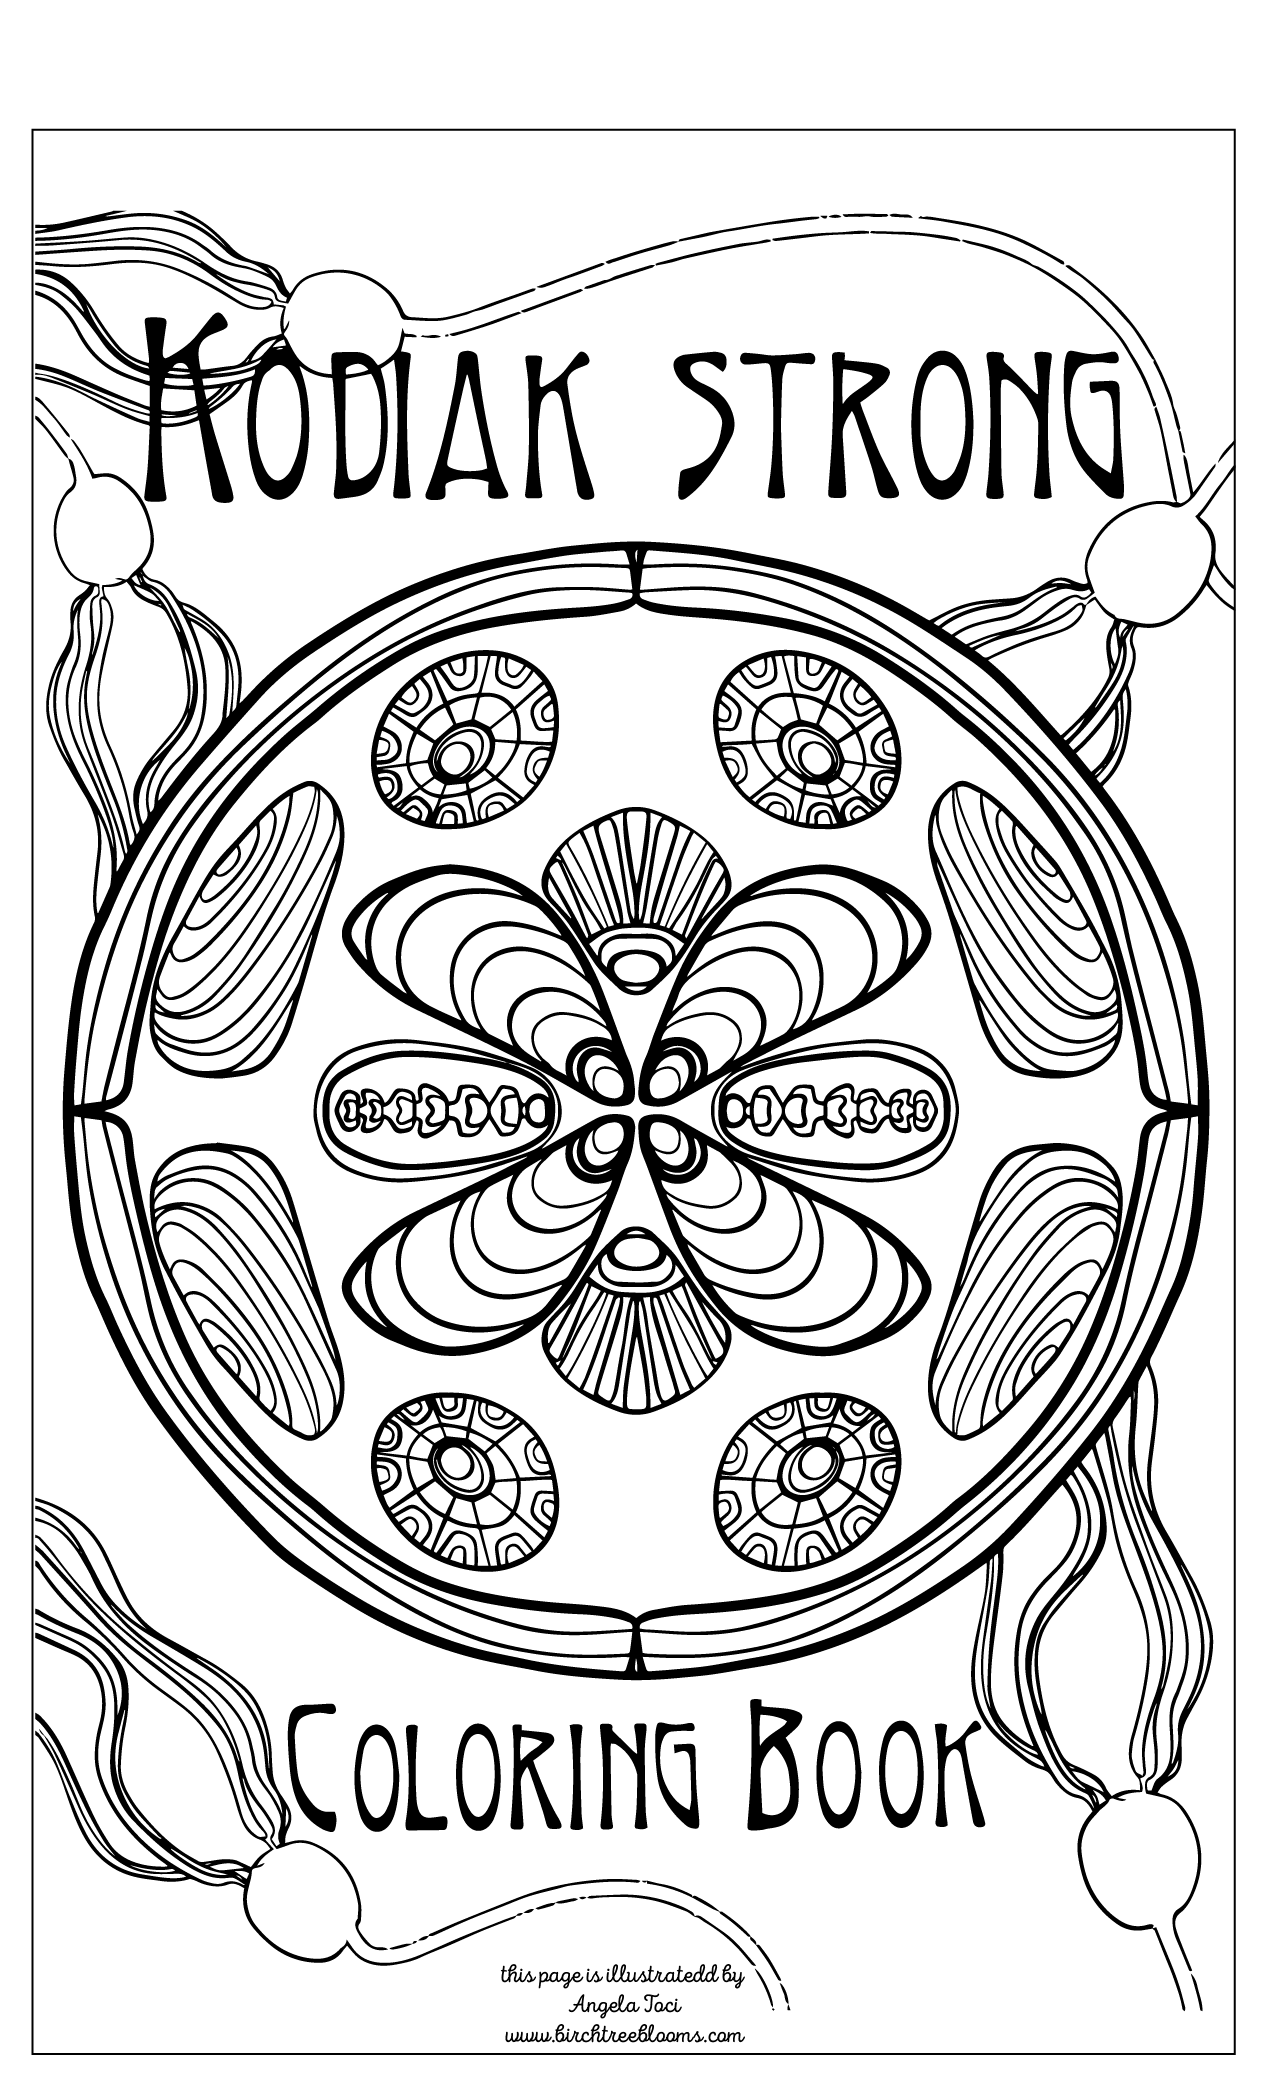 Angela Toci Kodiak Strong Cover